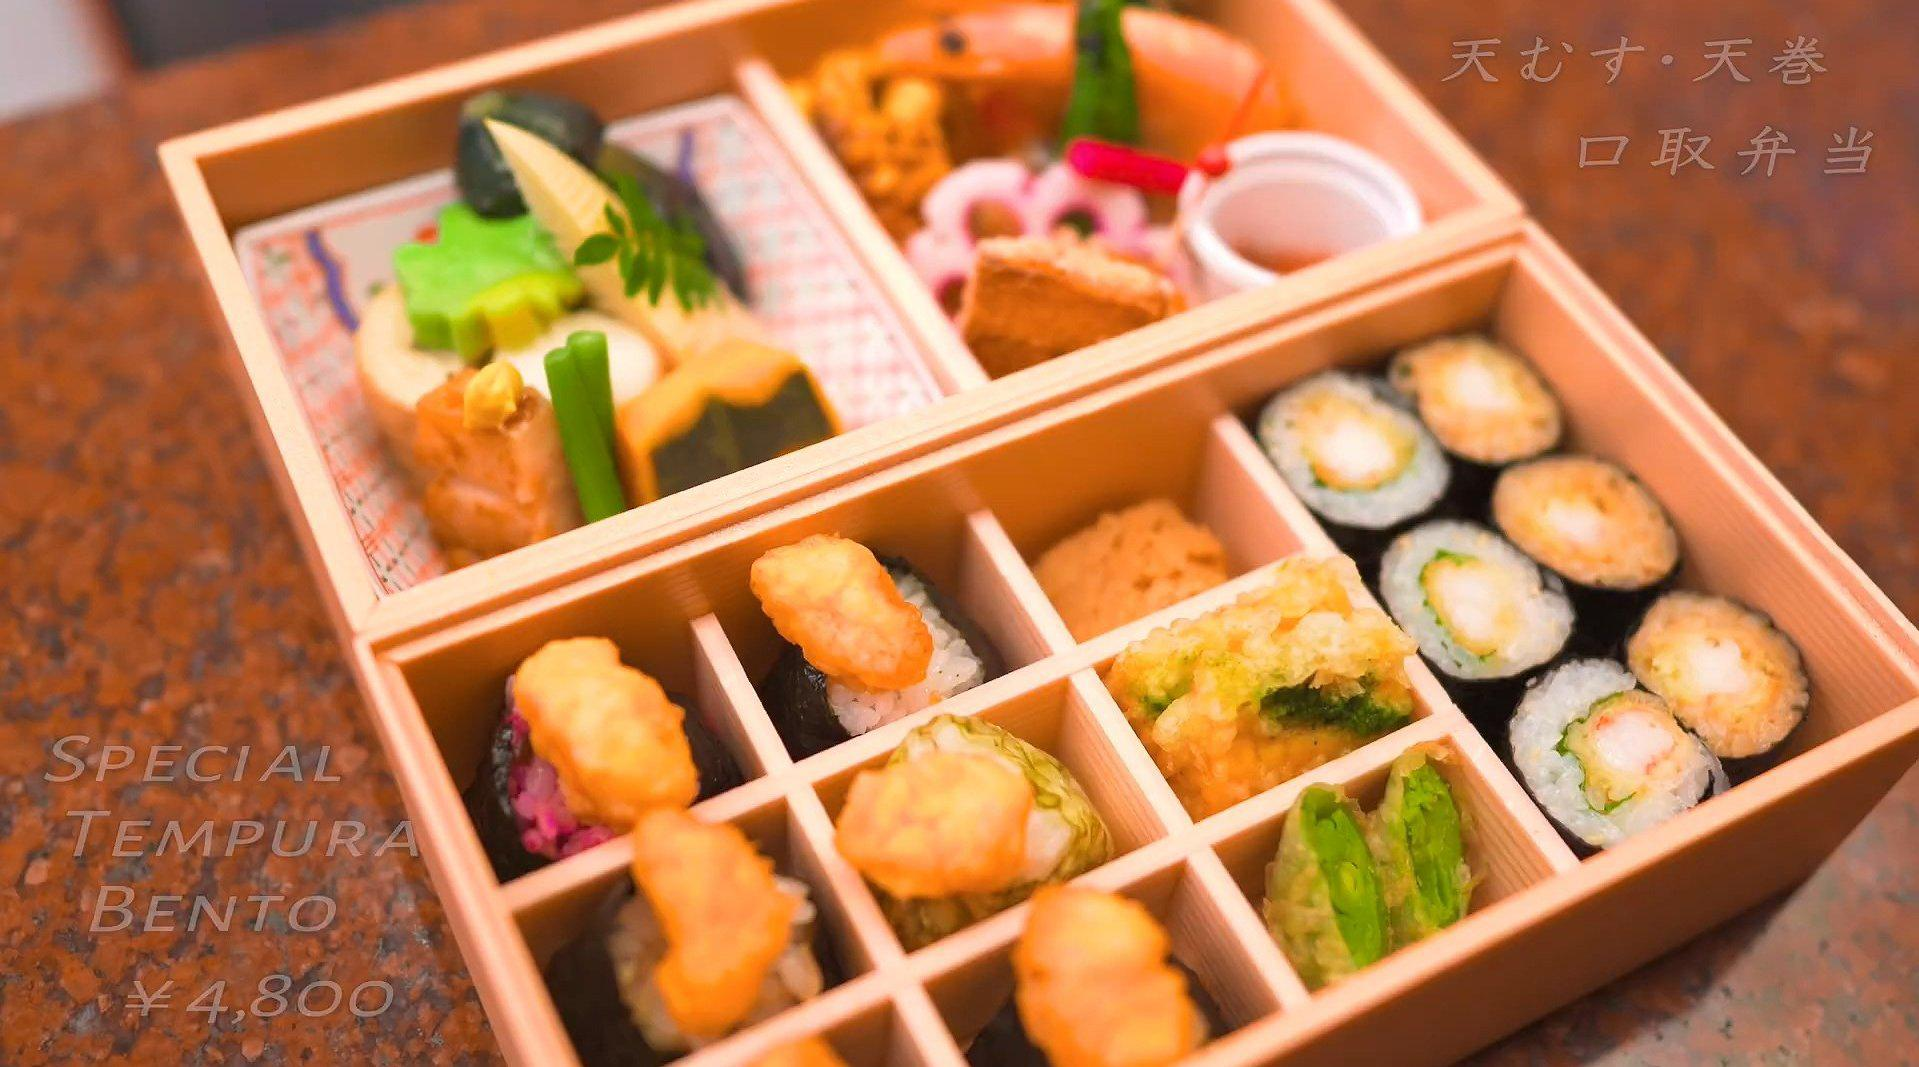 京都祗园 高级天妇罗便当 八坂圓堂